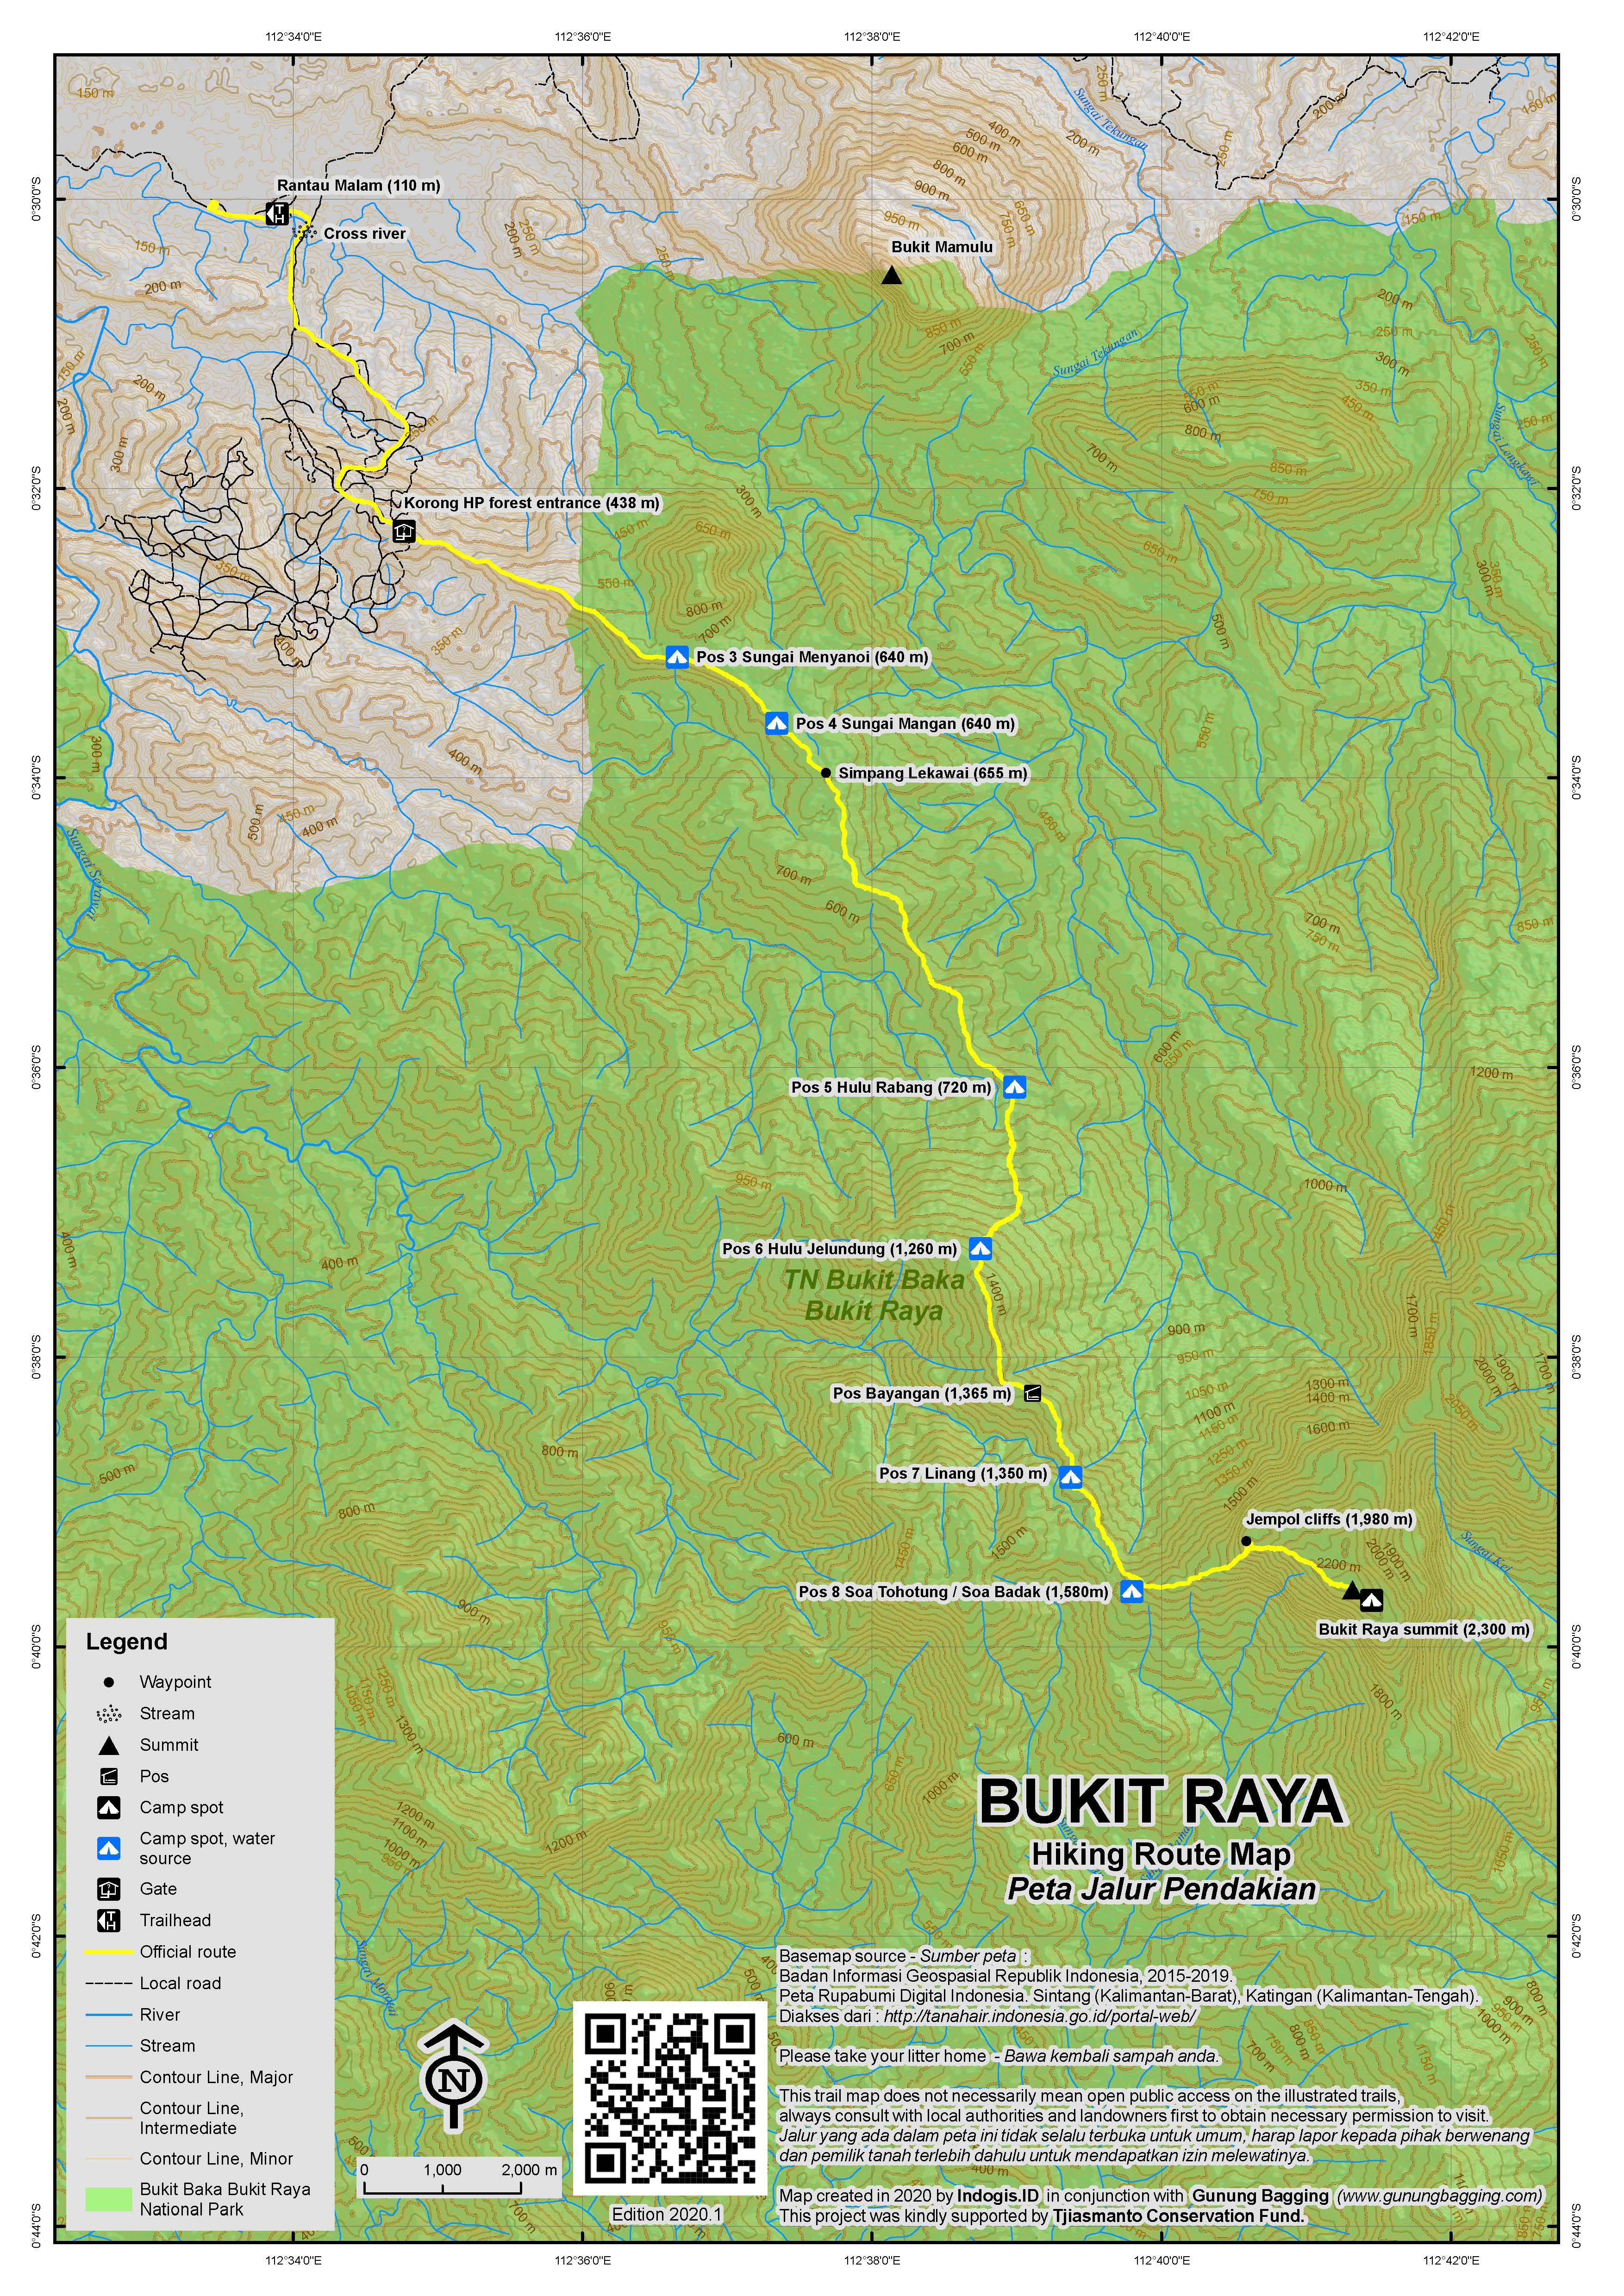 Peta Jalur Pendakian Bukit Raya